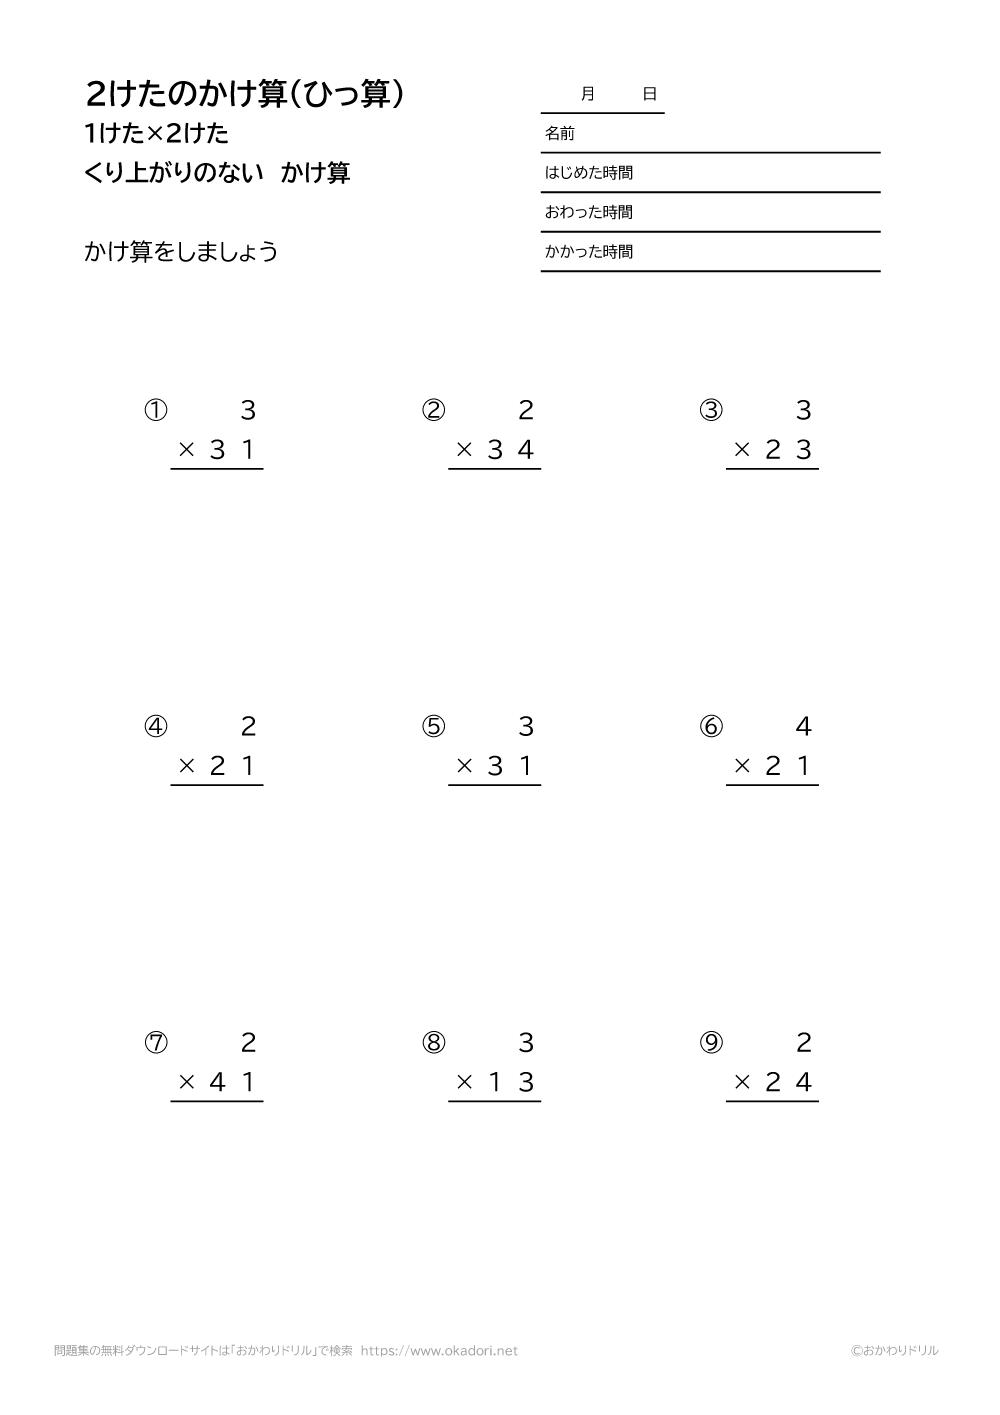 1桁×2桁の繰り上がりの無い掛け算の筆算4